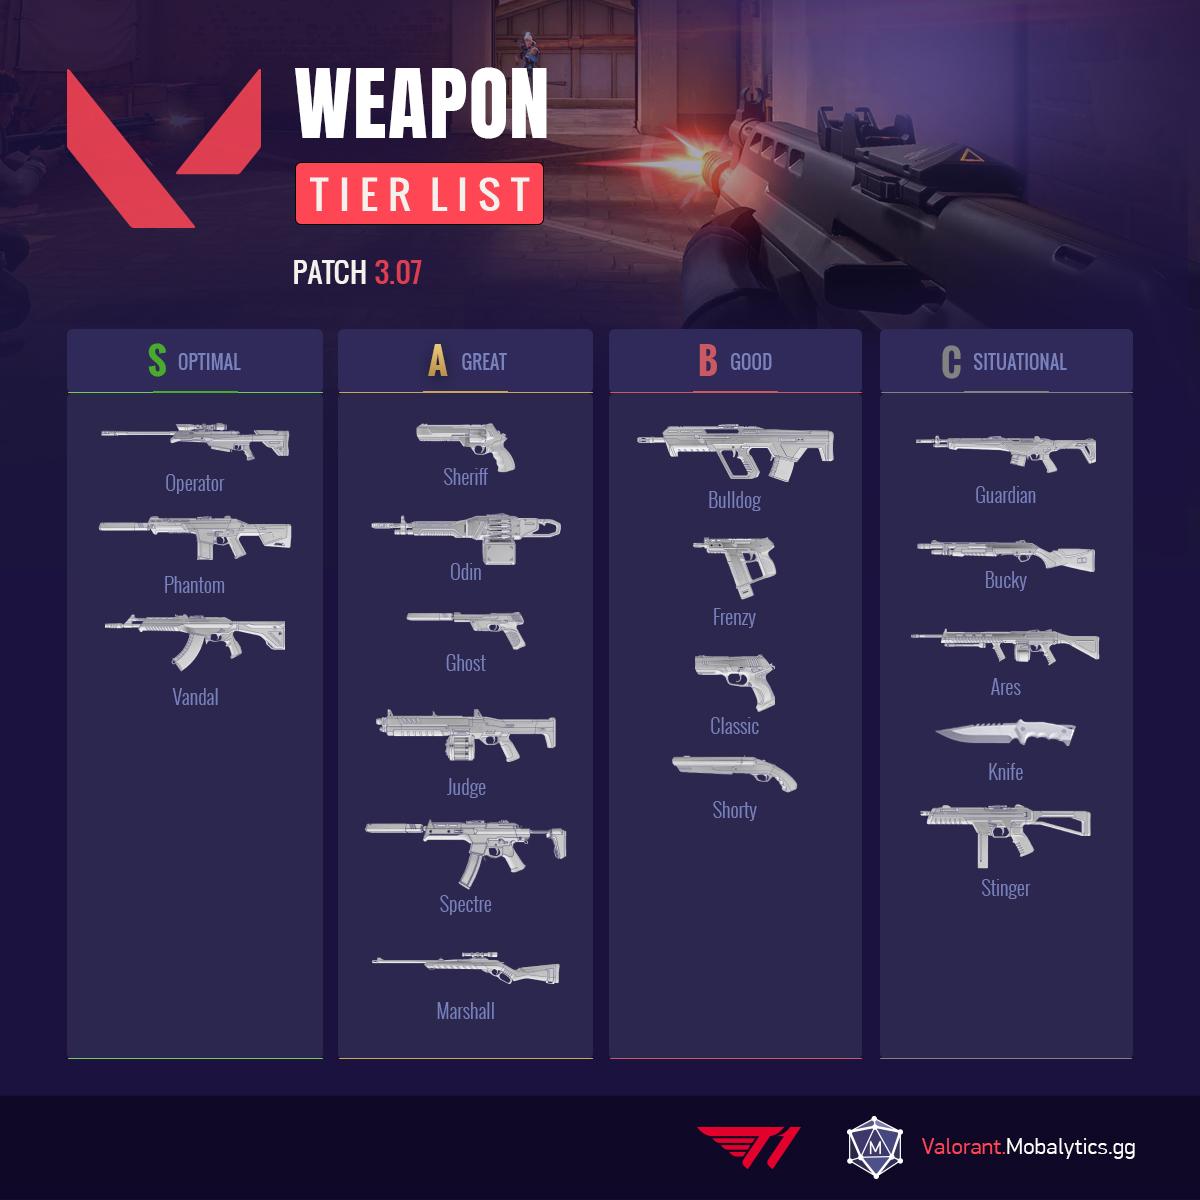 Valorant Weapon Tier List Patch 3.07